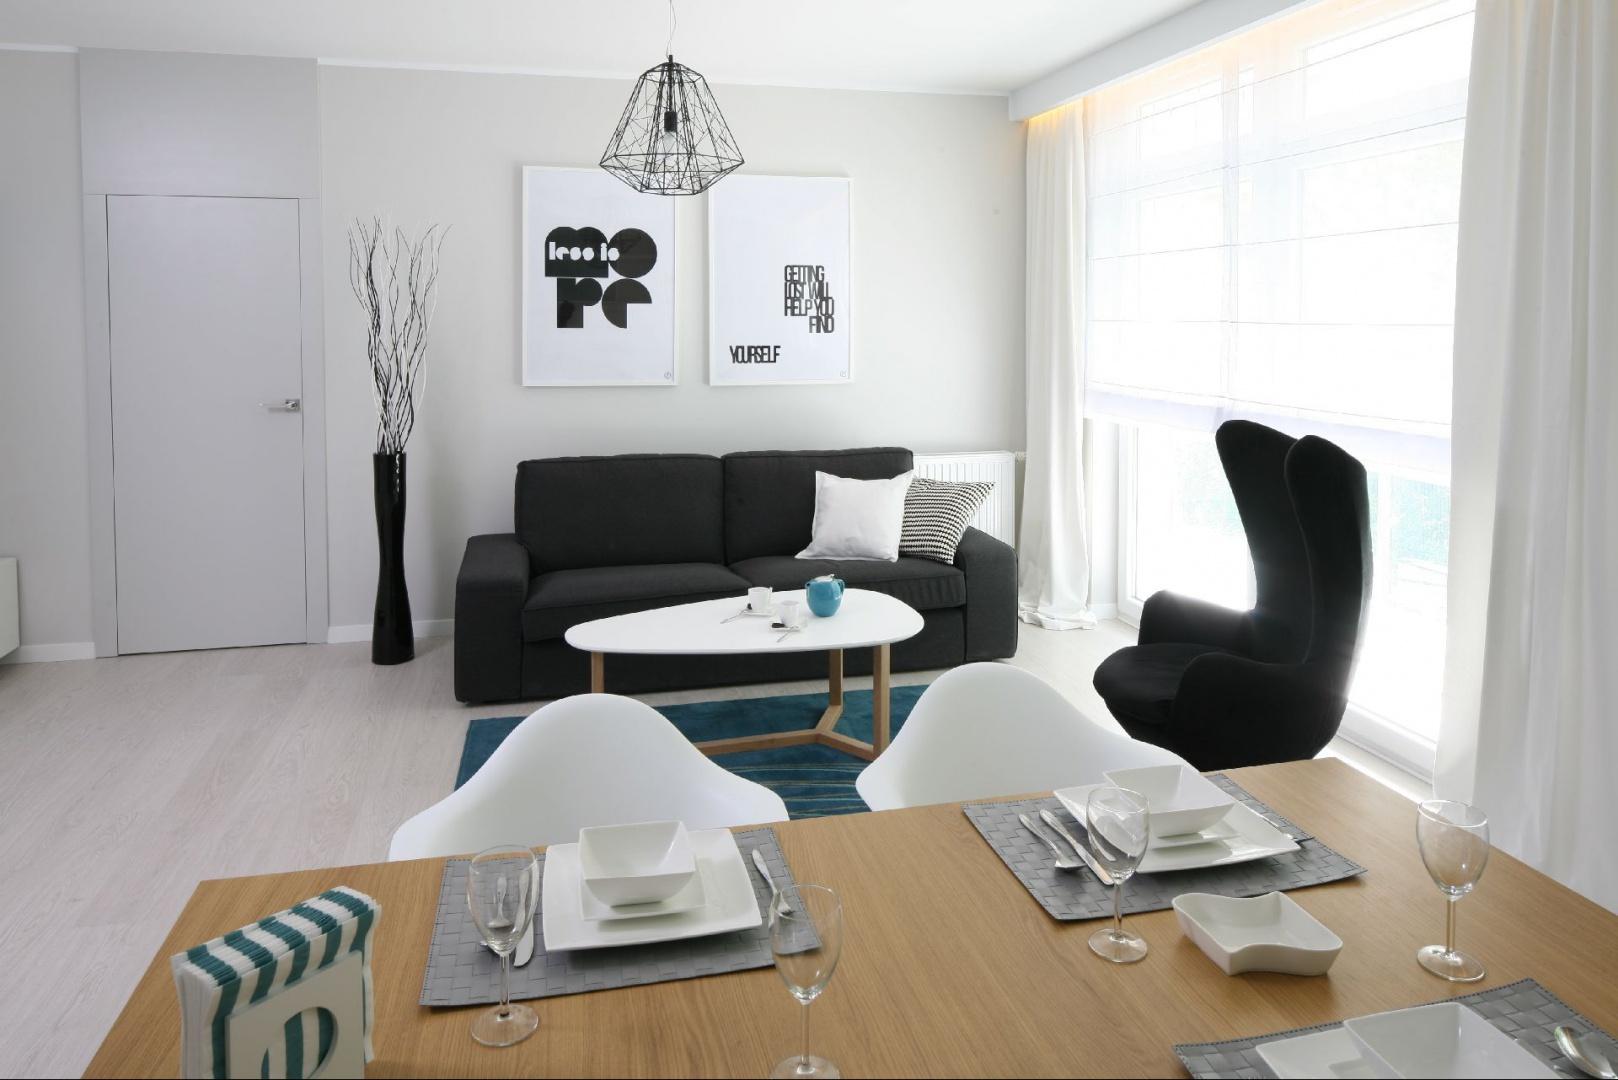 Salon płynnie łączy się z jadalnią. Duże okno wpuszcza światło i przestrzeń. Fot. Bartosz Jarosz.